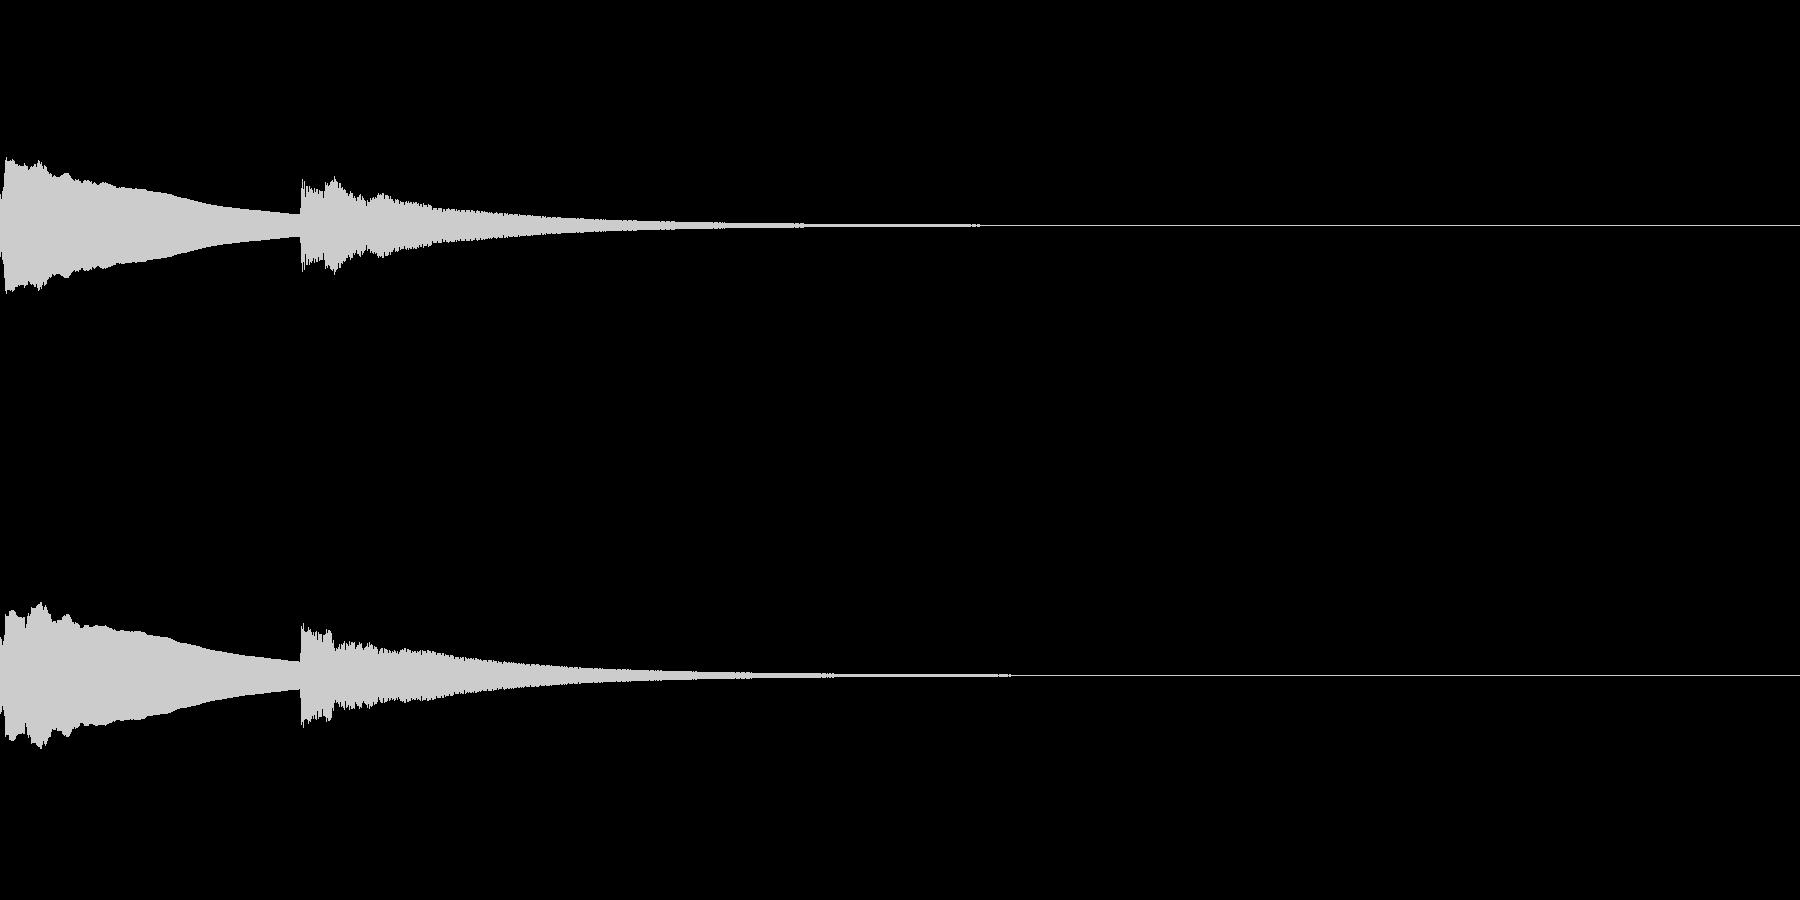 ピーンポーン(昔の呼び鈴)の未再生の波形